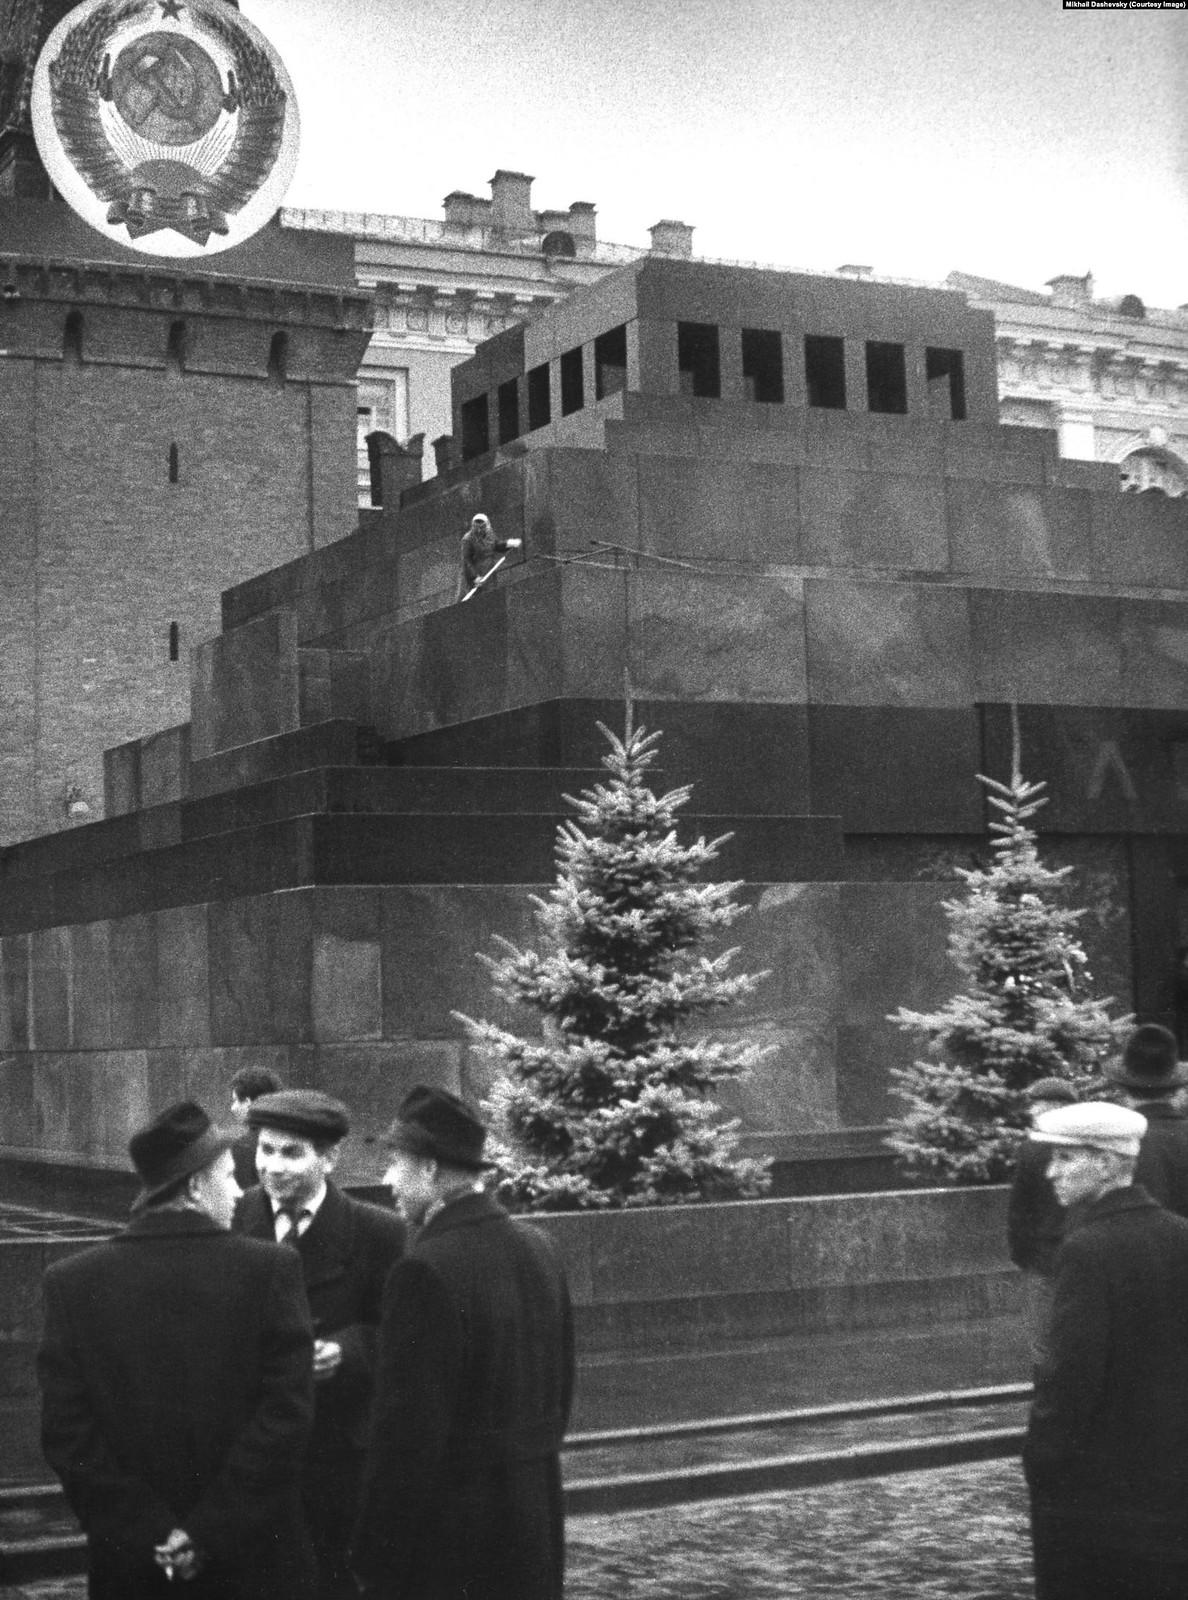 1964. Перемена экспозиции. Хрущева убрали